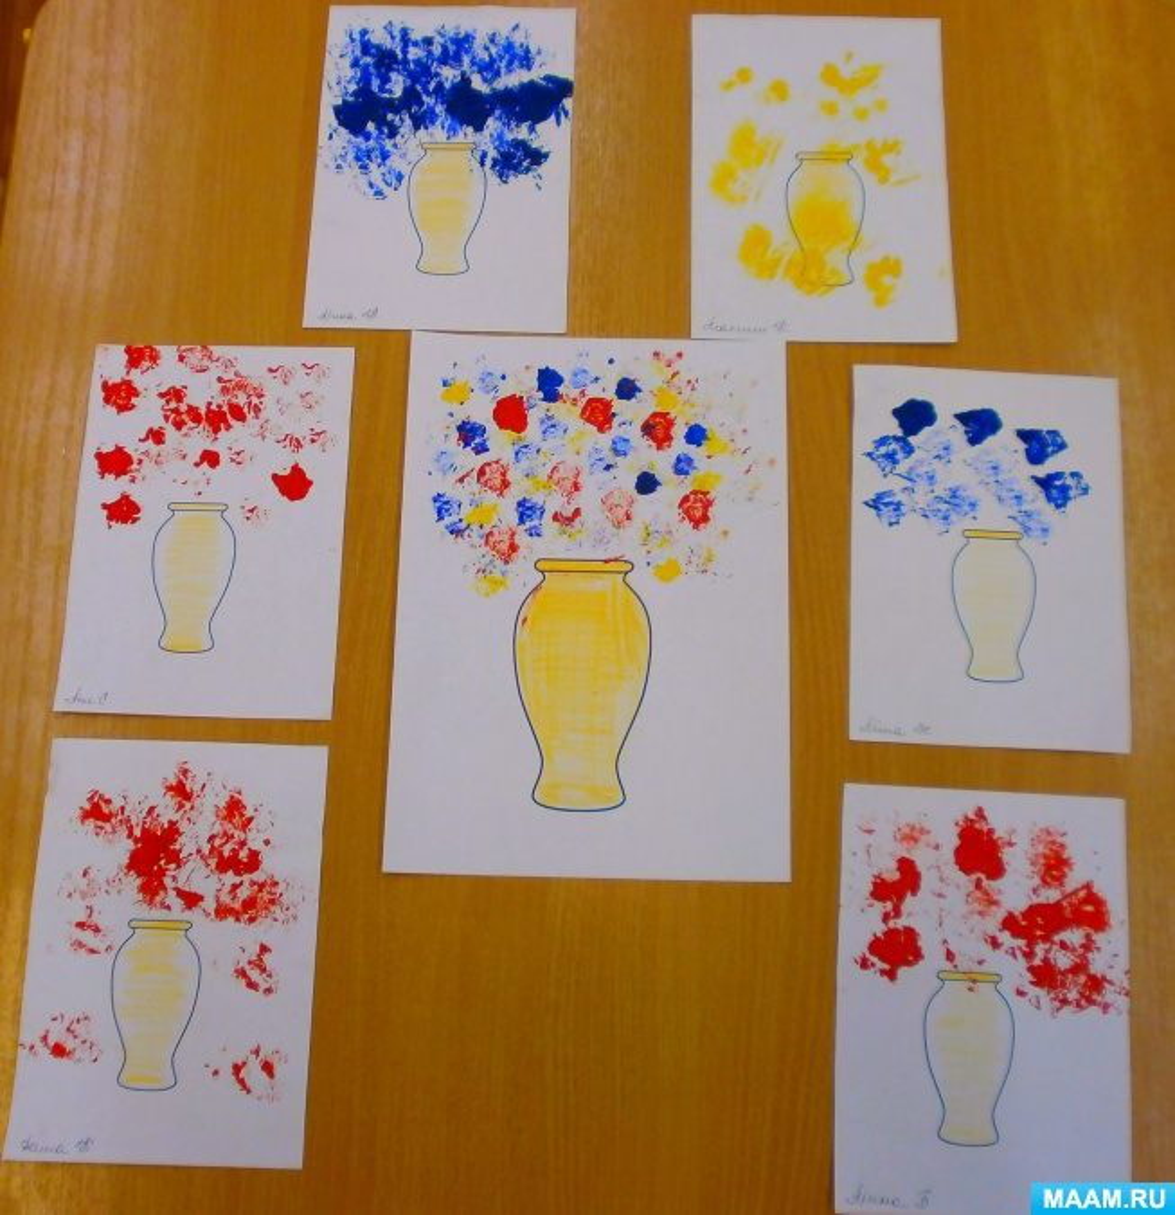 Фотоотчёт «Букет для мамы» рисунок мятой бумагой с помощью бумажного шарика